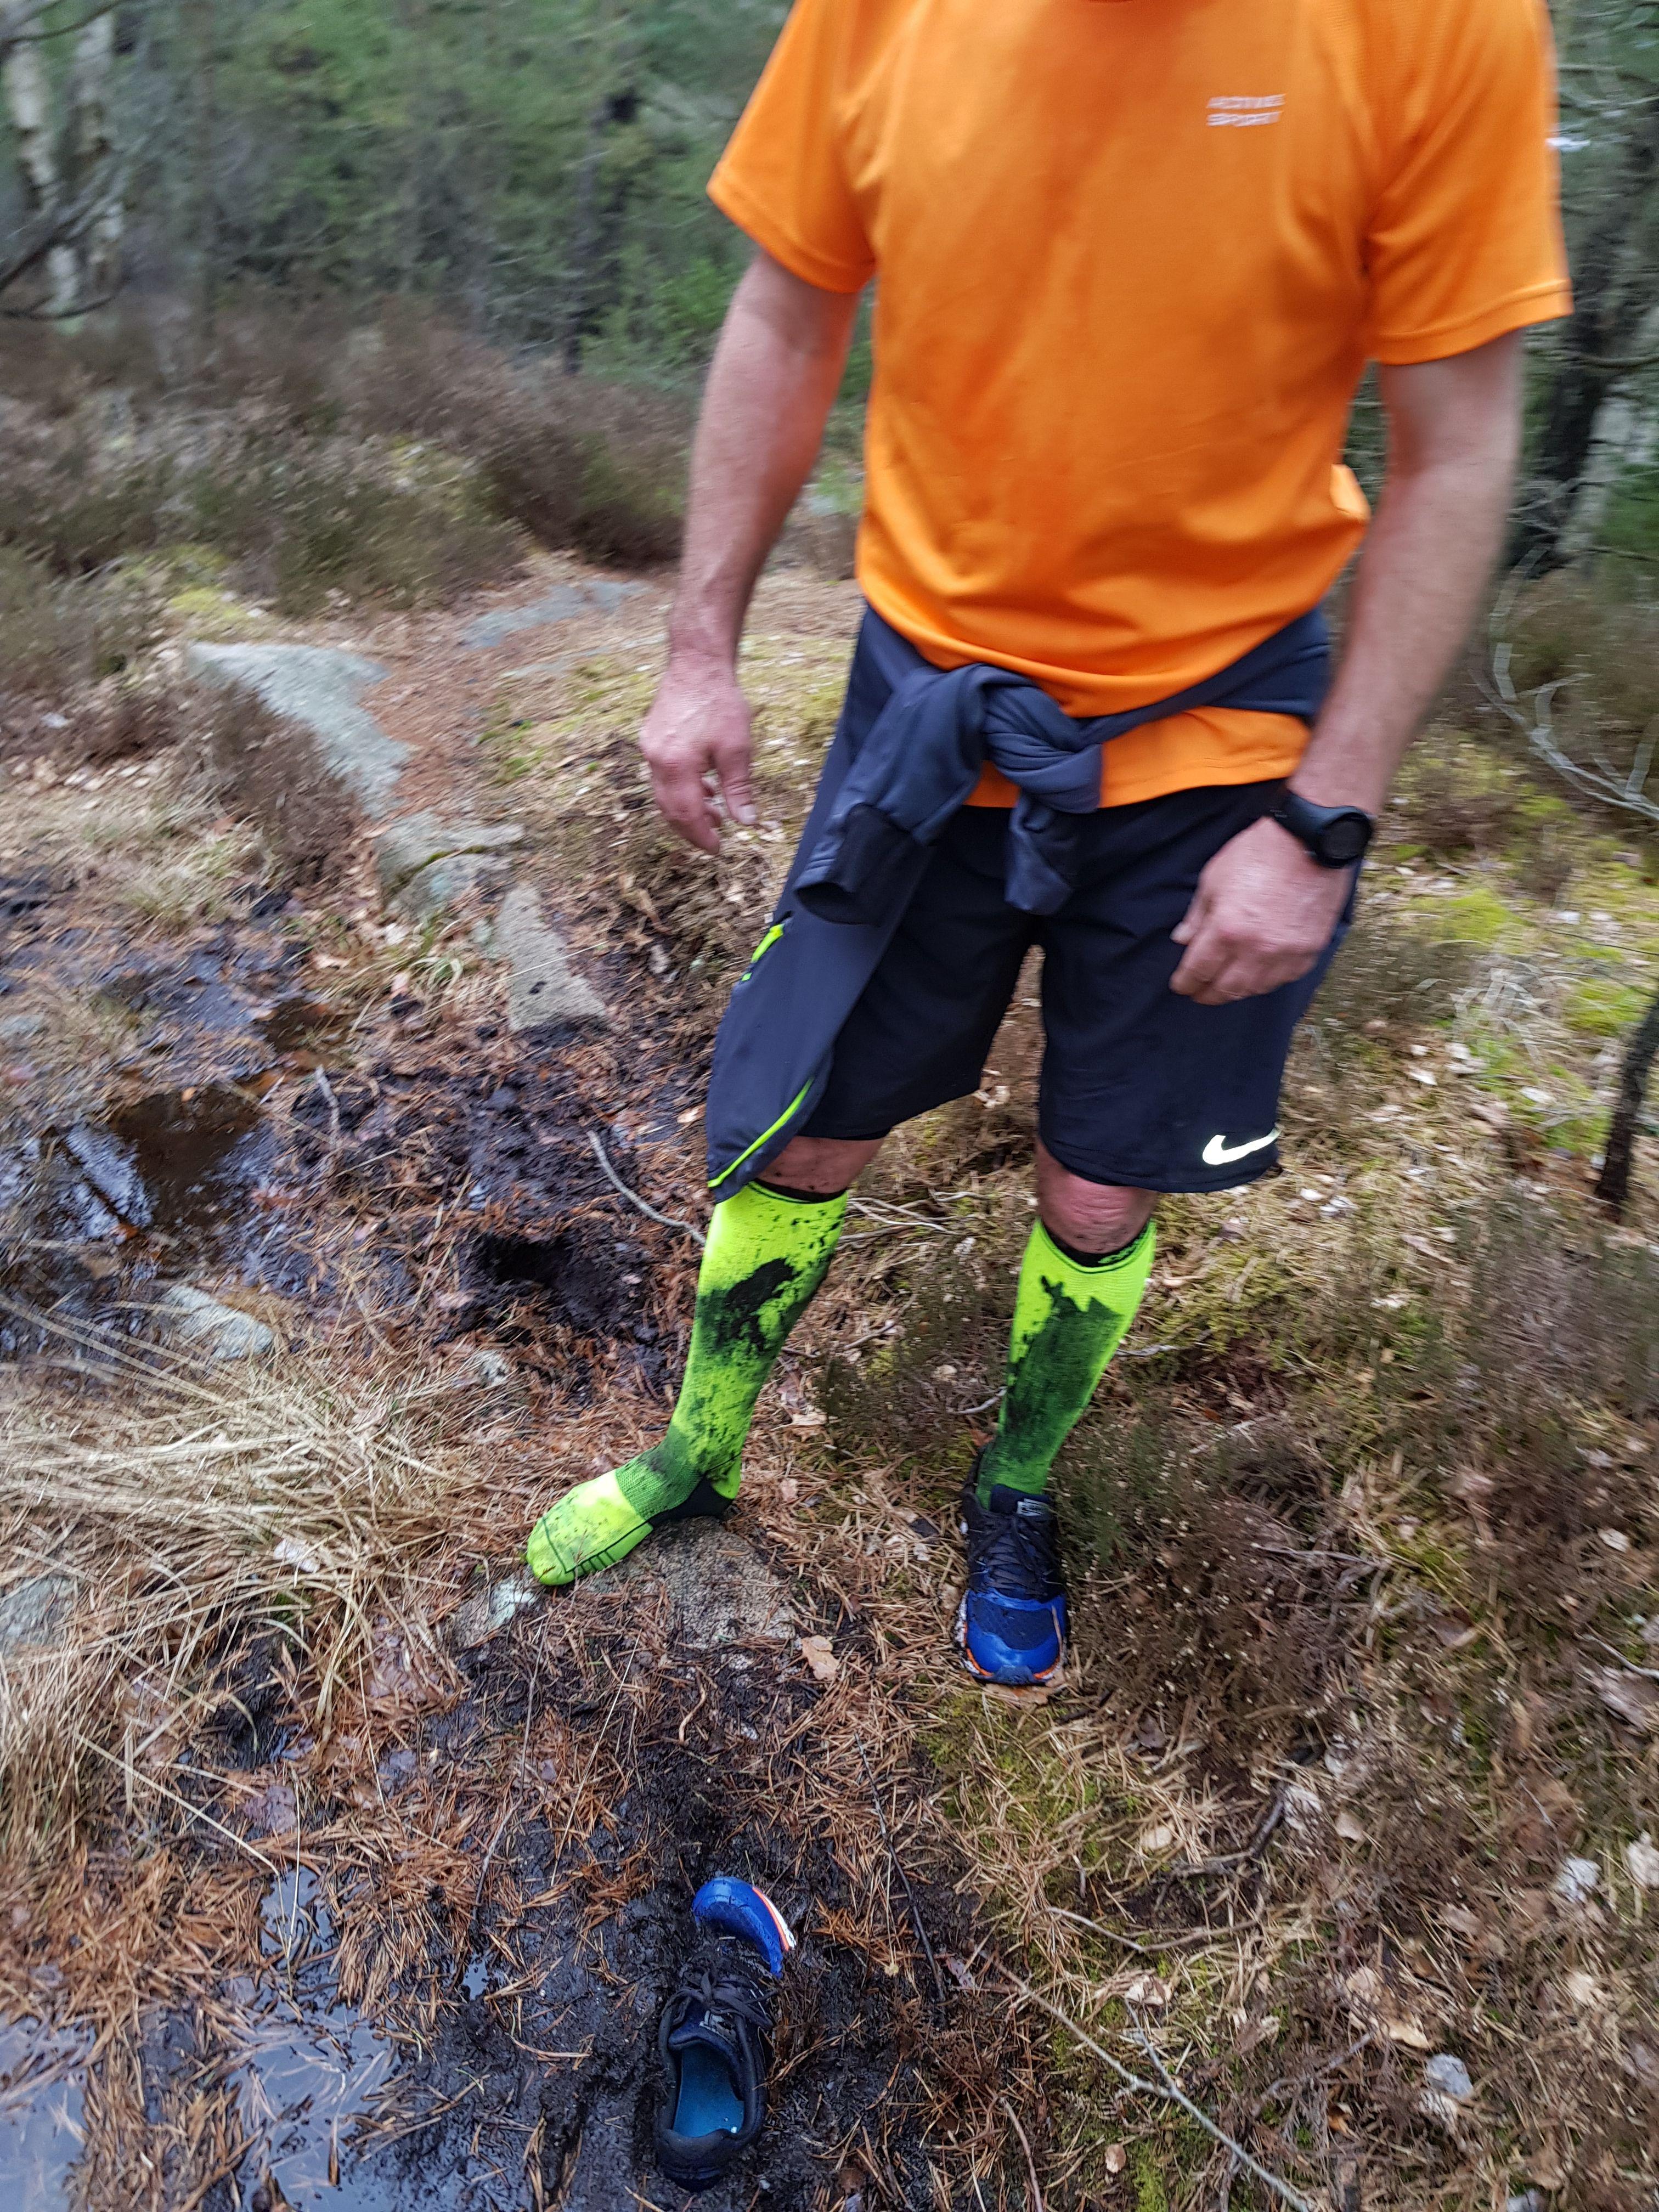 Sko i leran